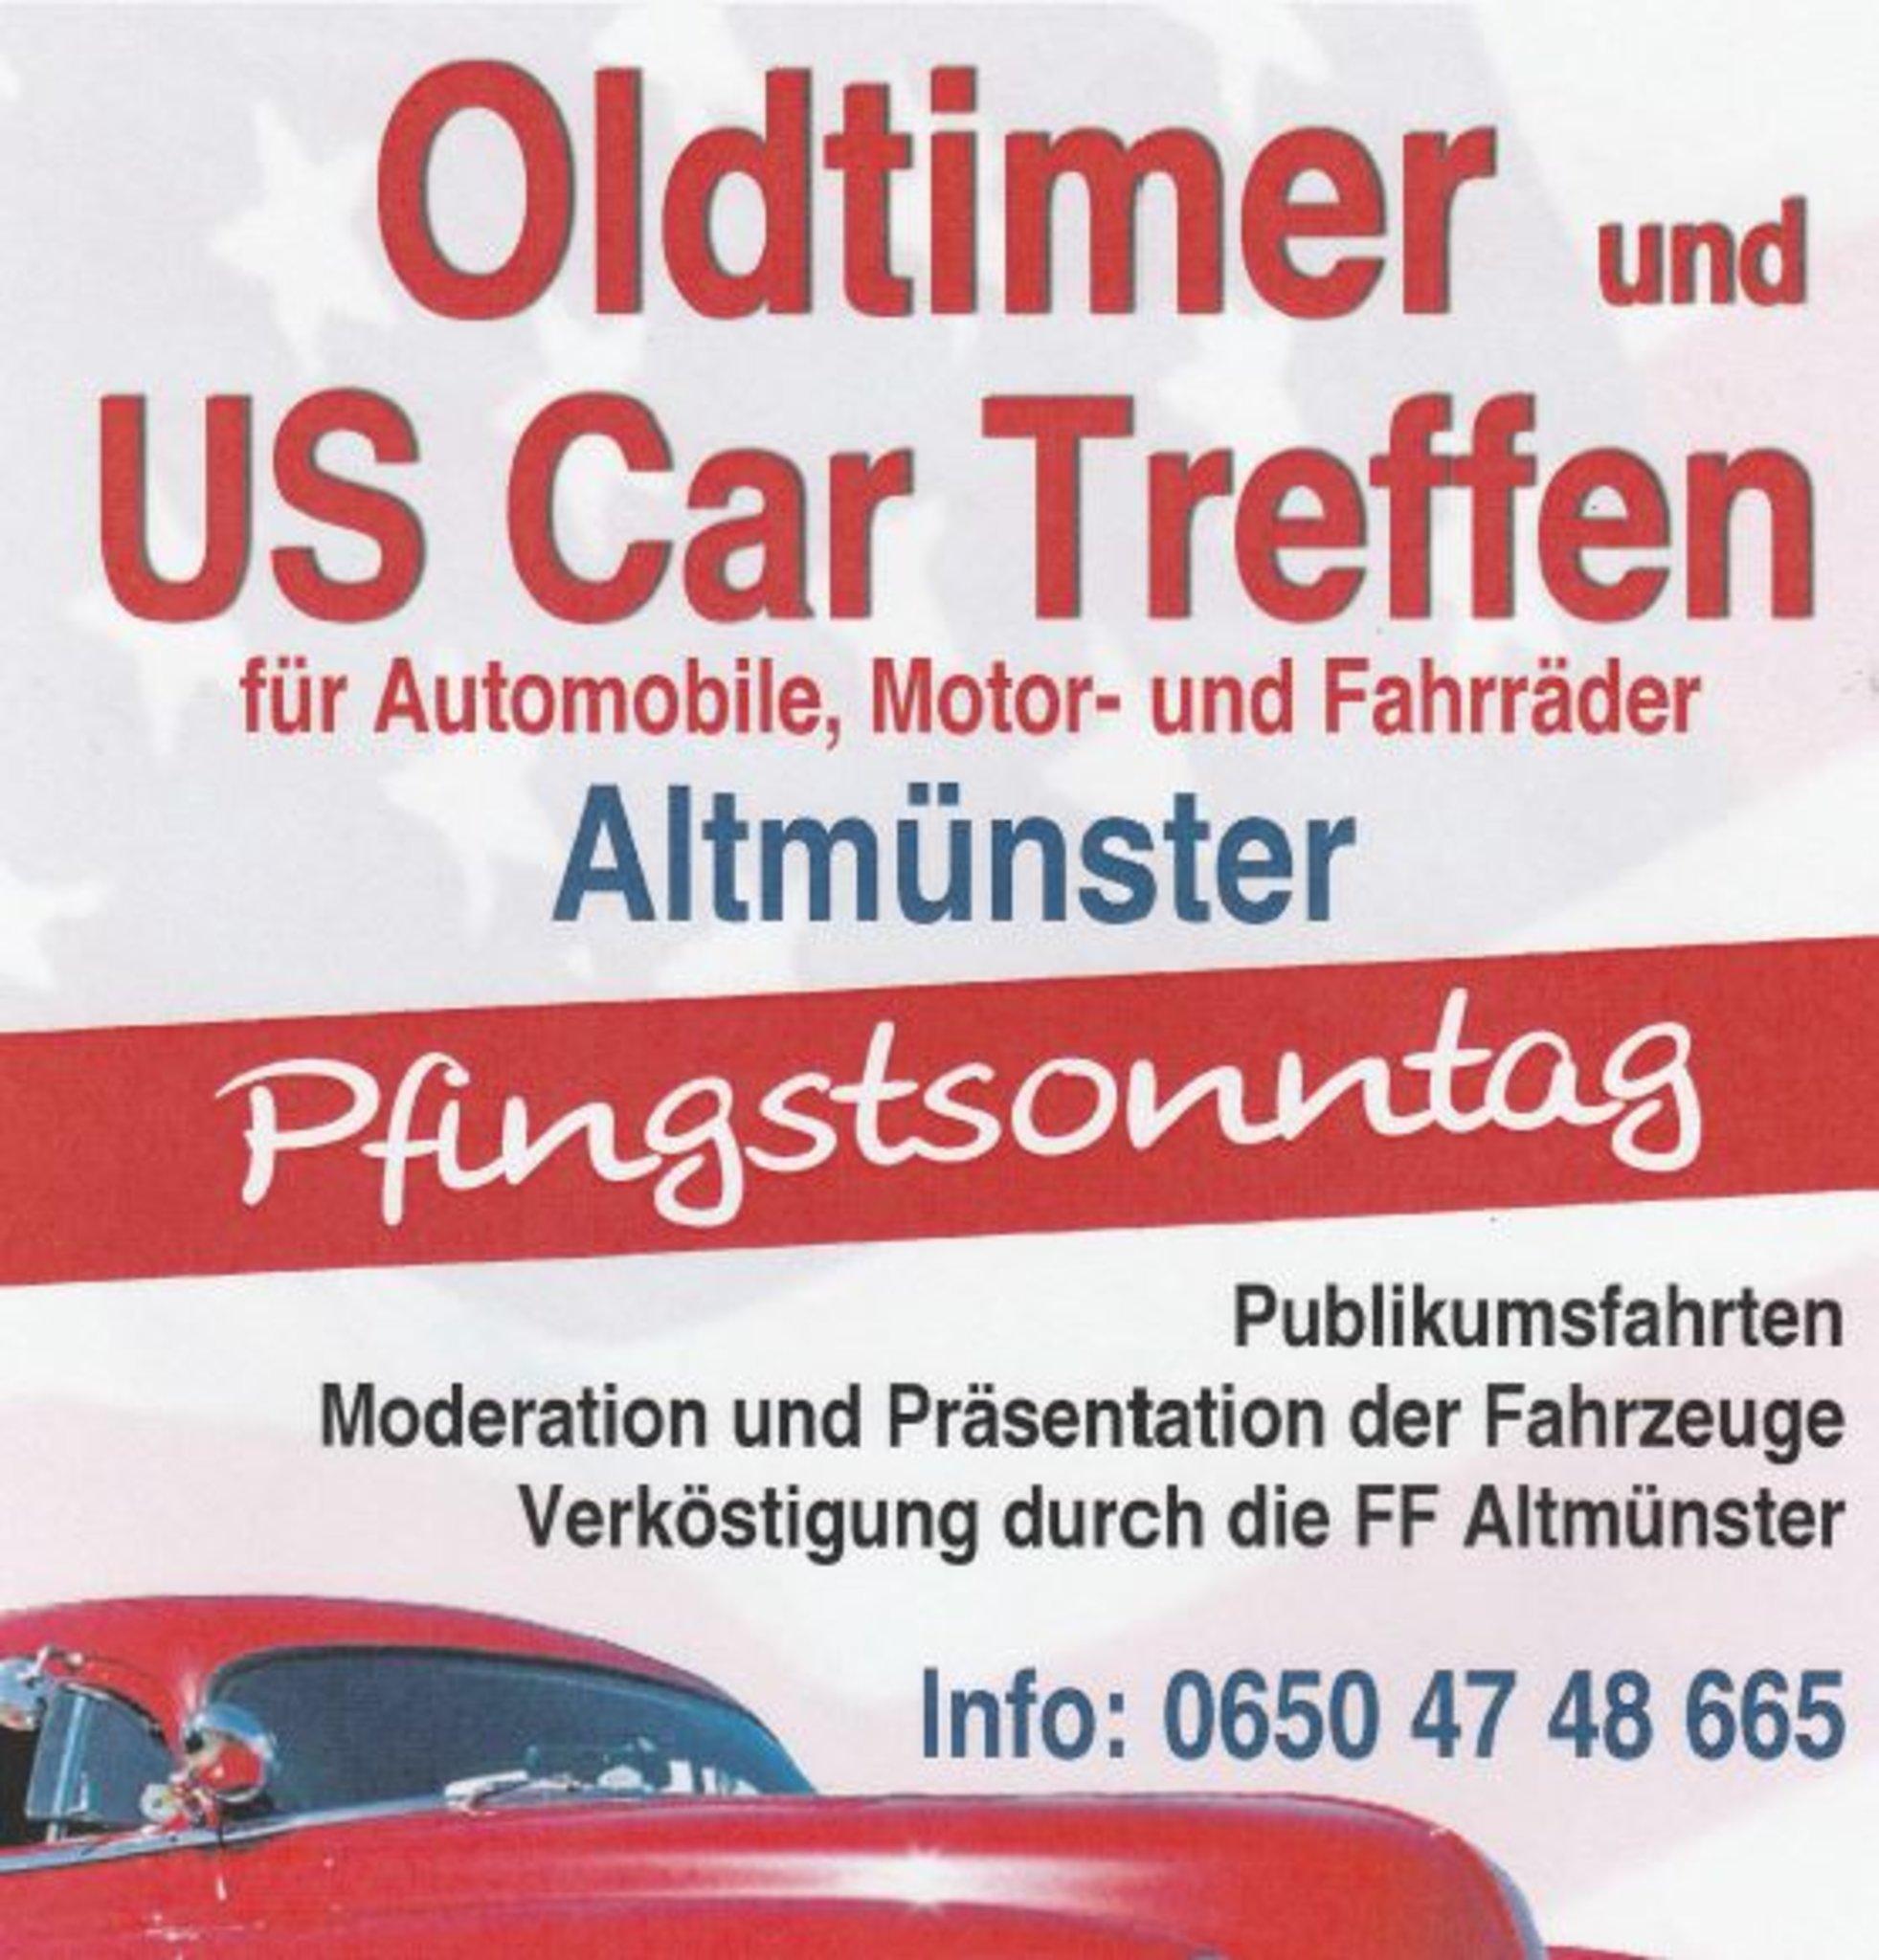 Pfingstsonntag 2019: US Car und Oldtimertreffen in Altmnster